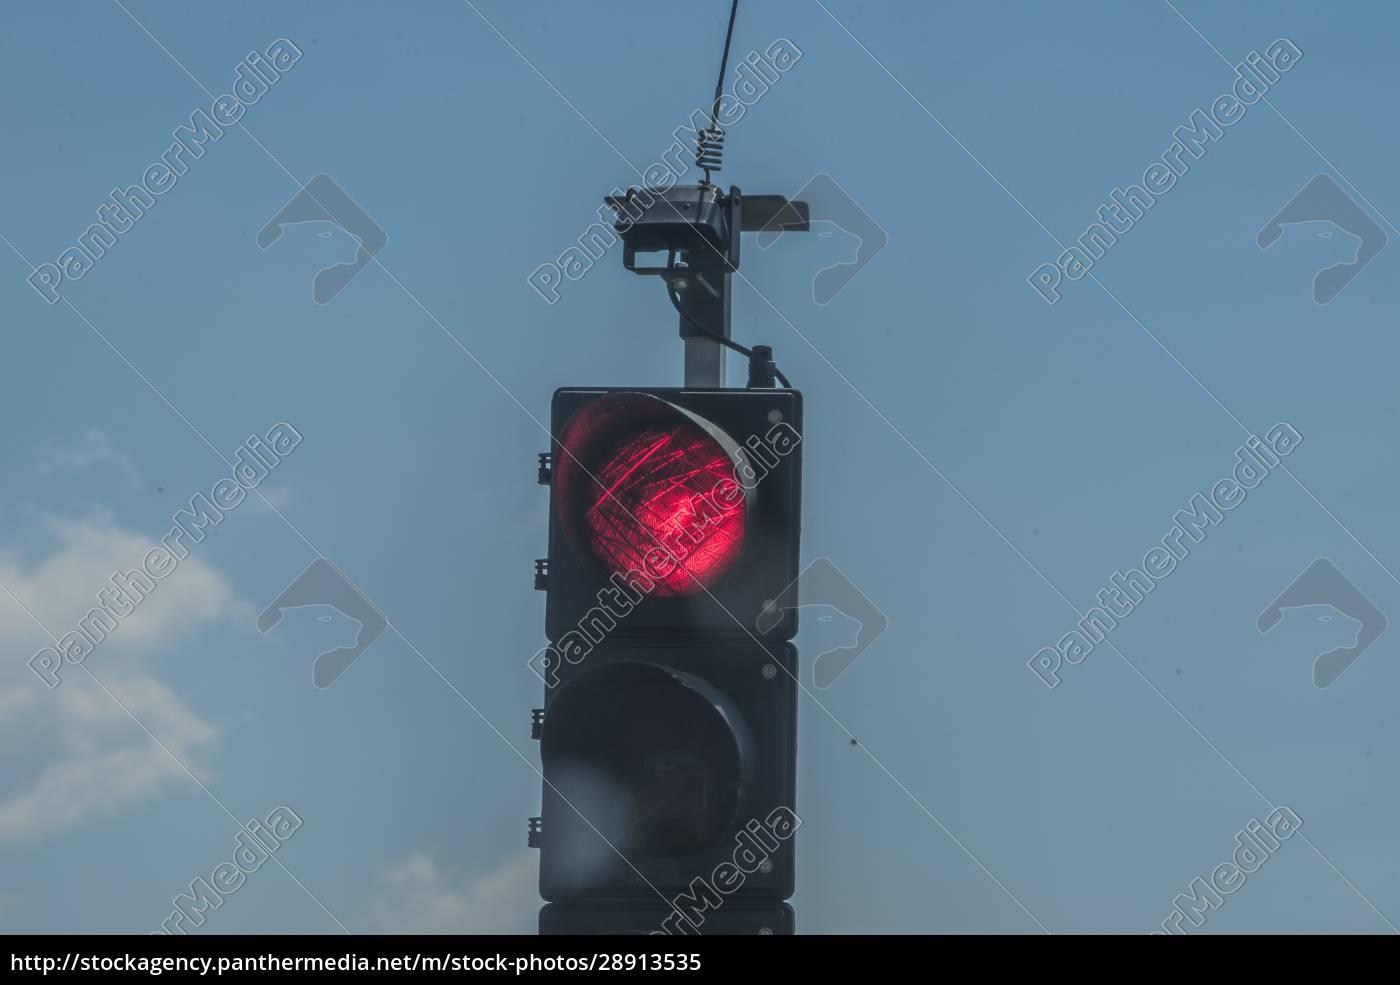 rote, ampel, auf, der, straße - 28913535